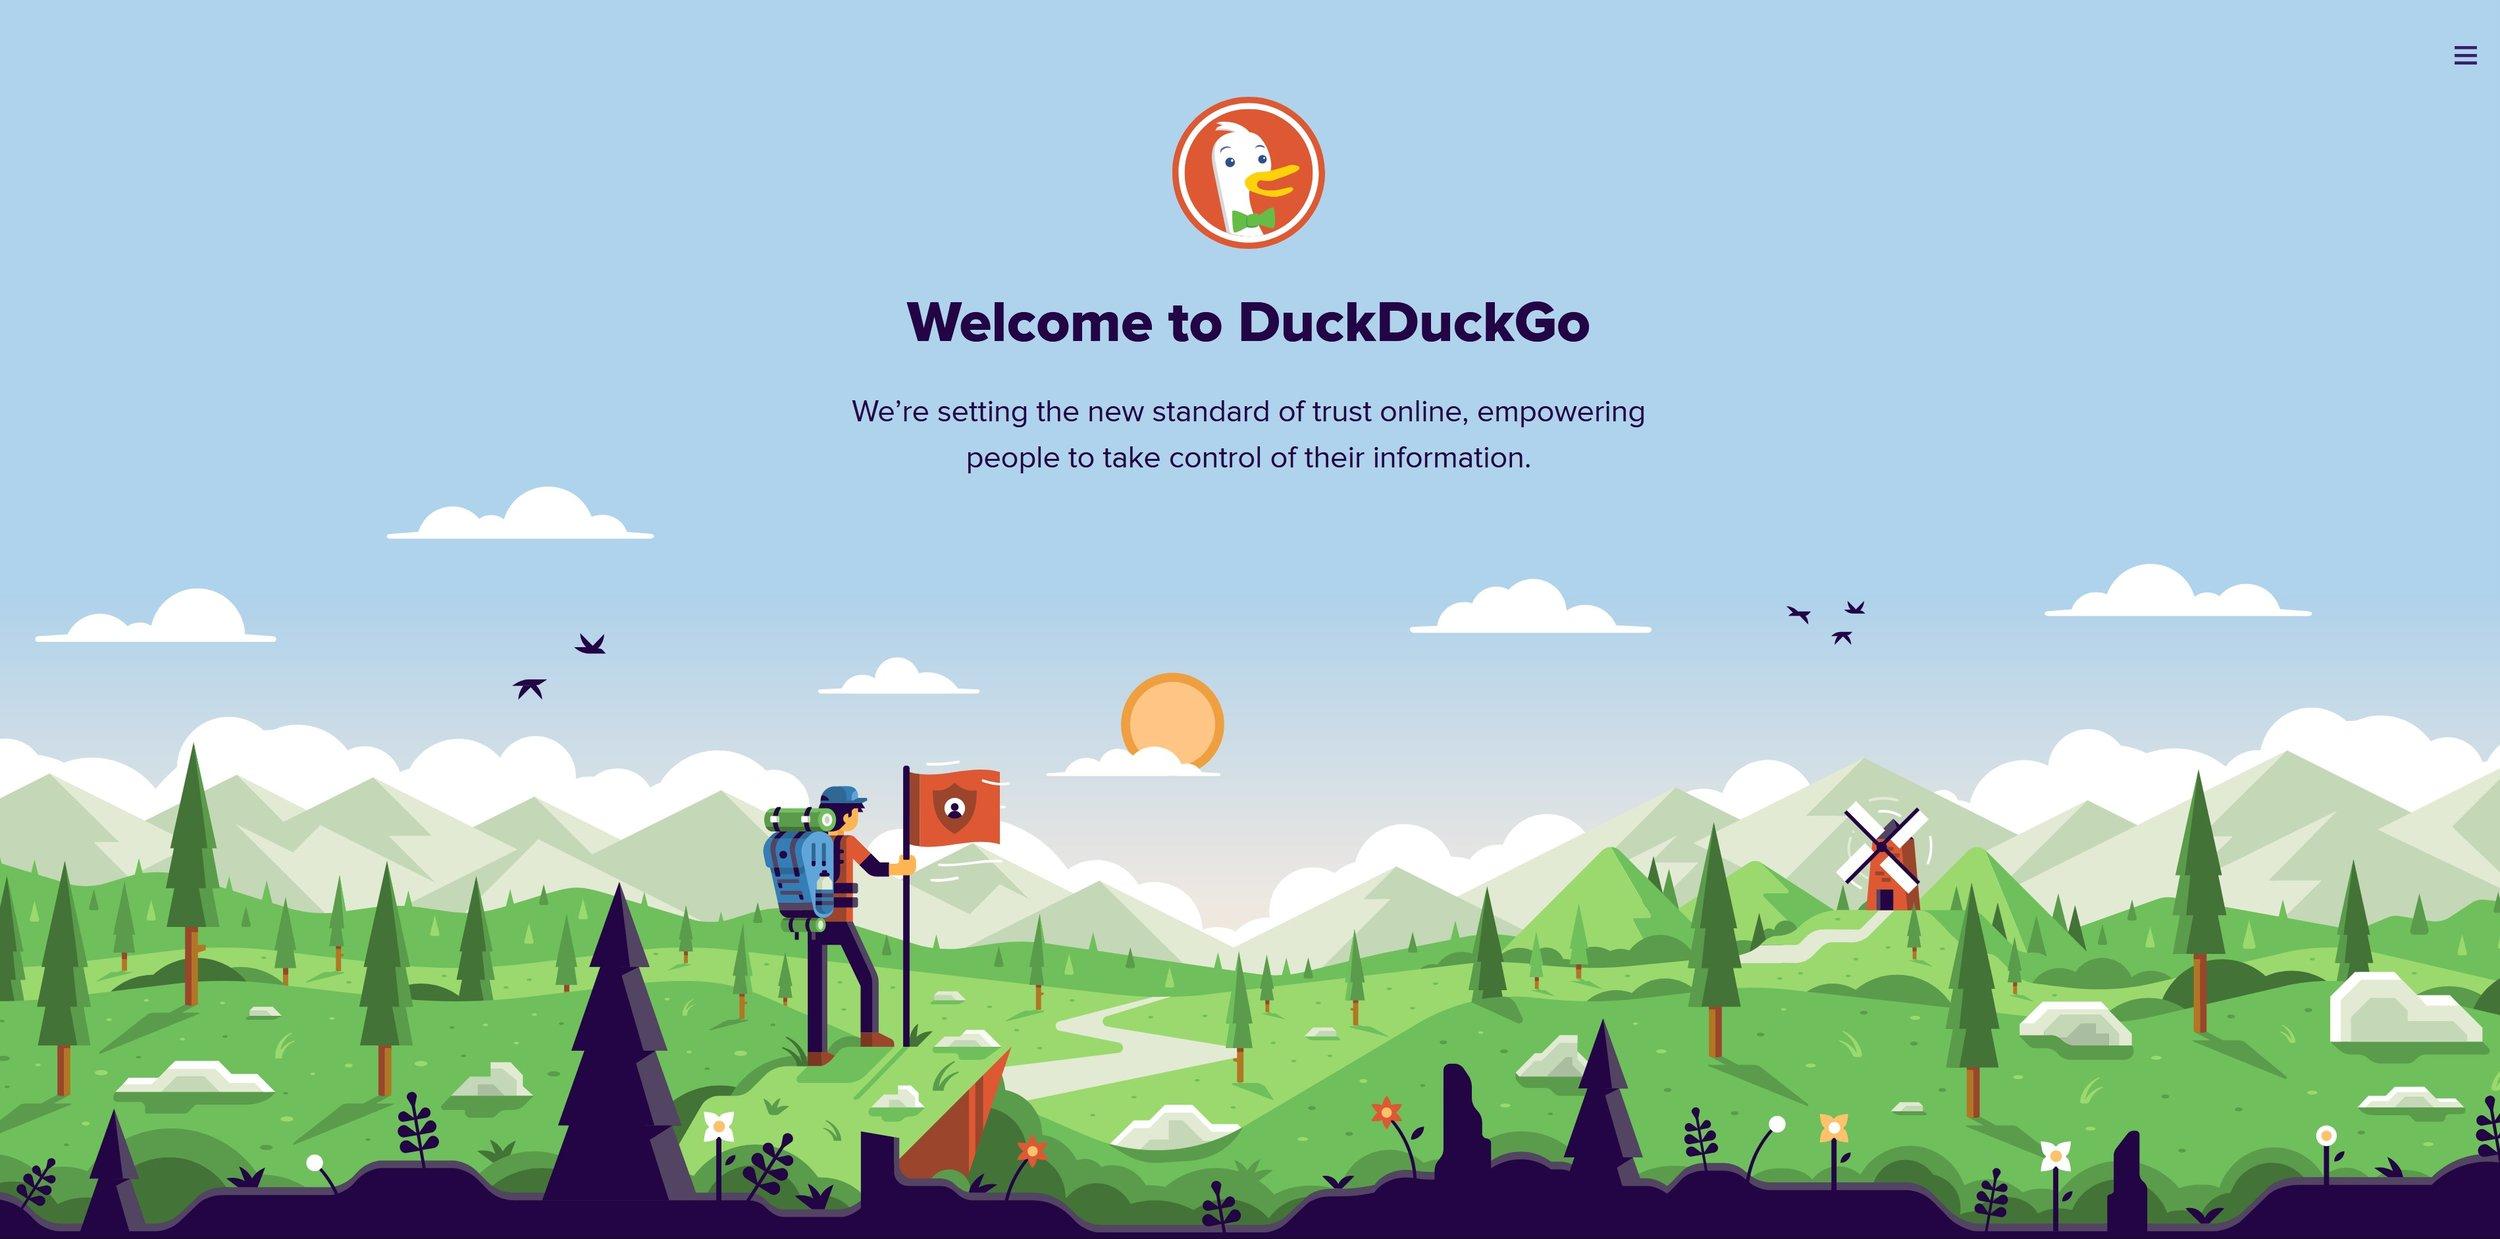 Welcome to DuckDuckGo - Screenshot